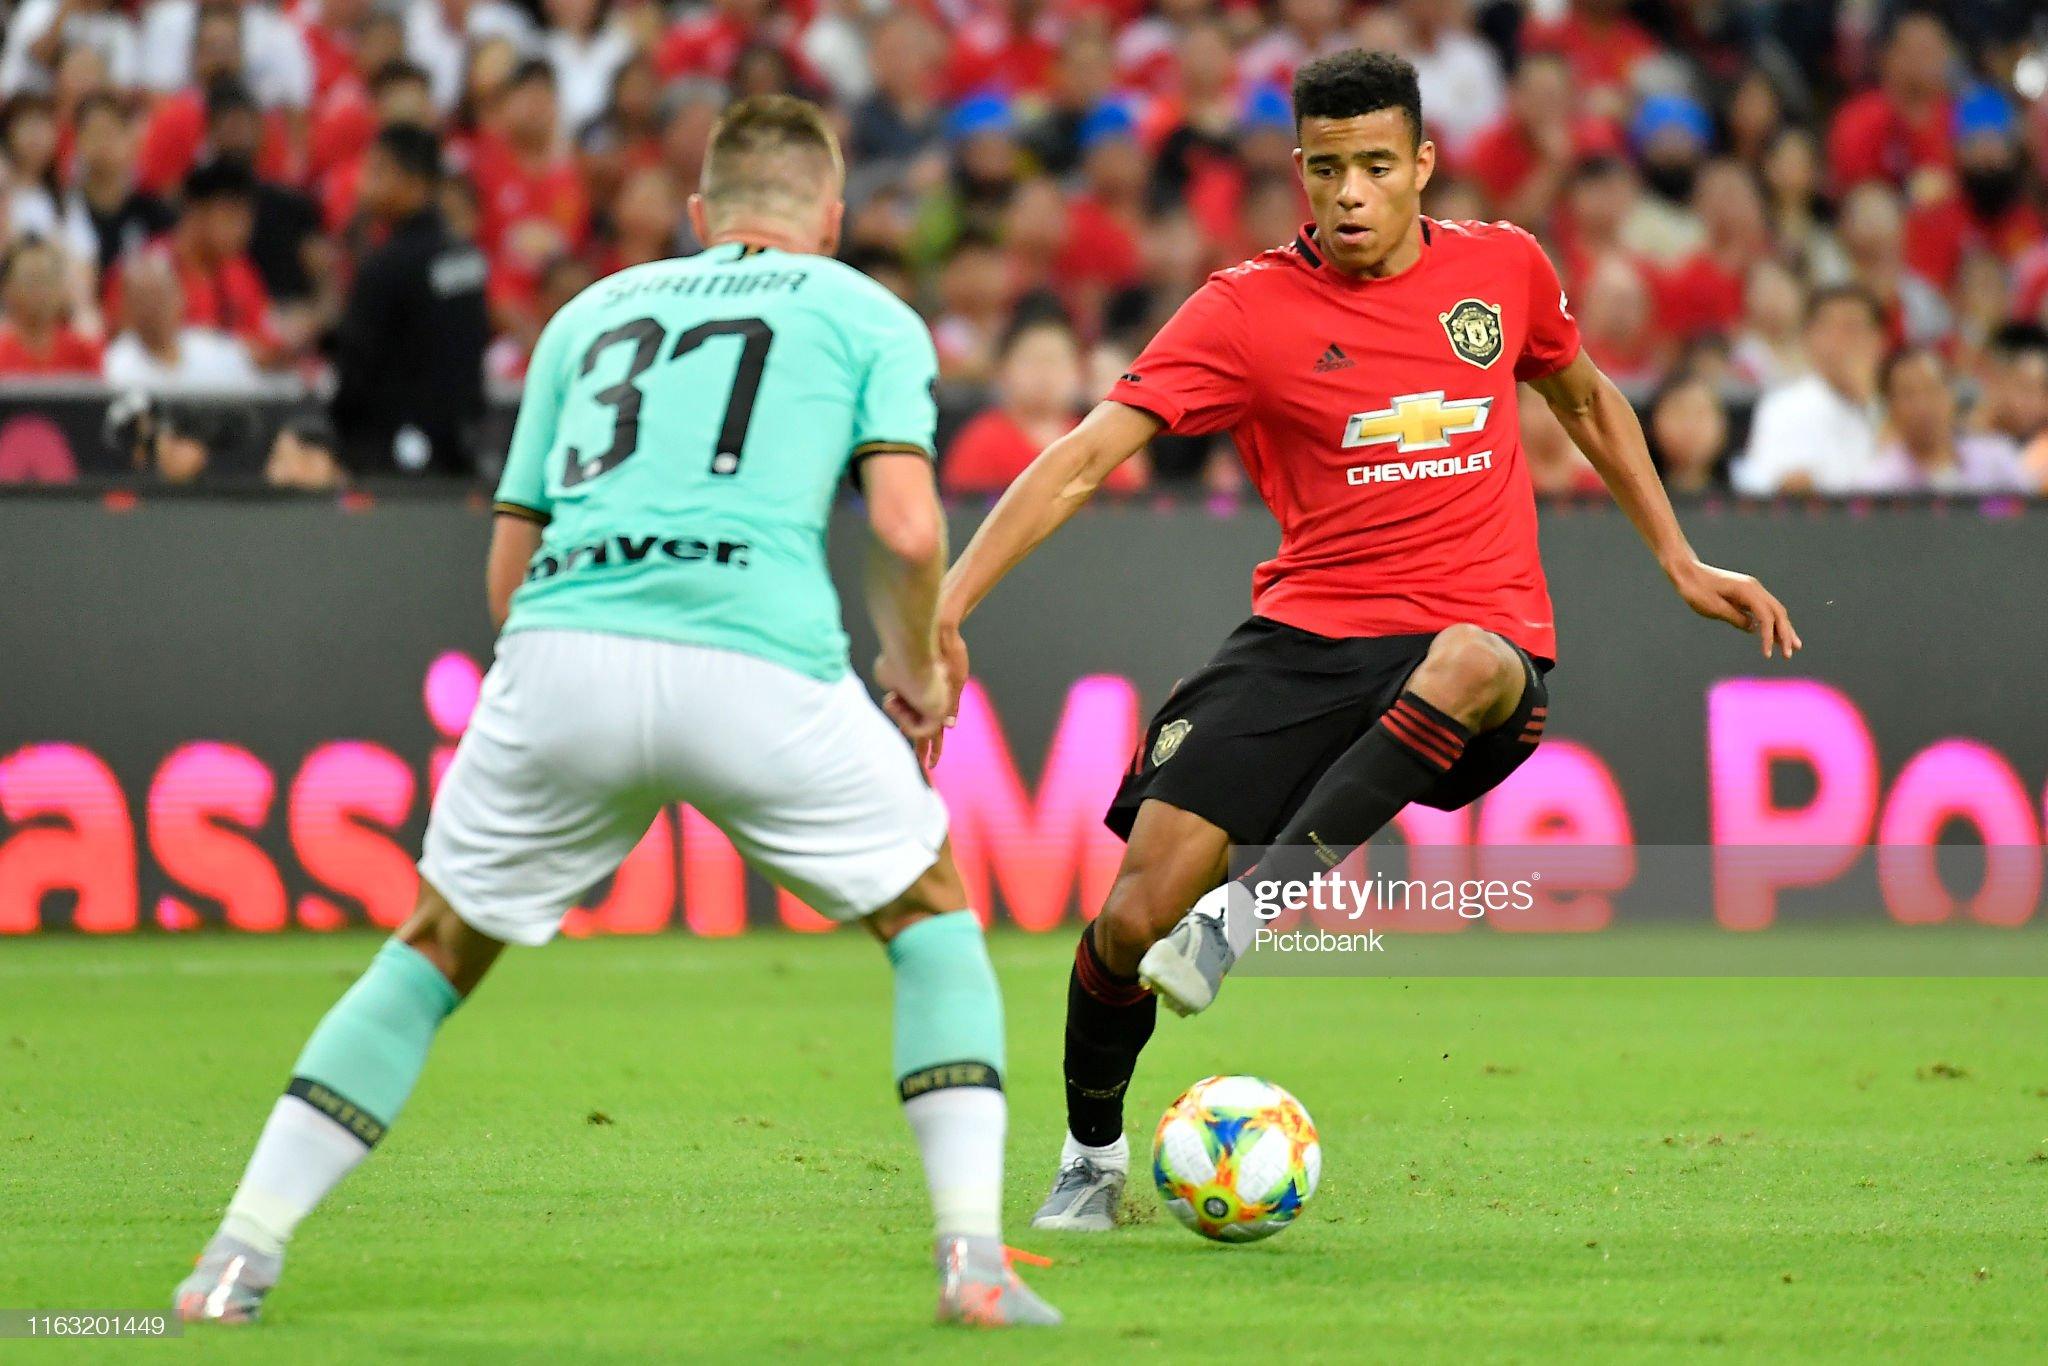 Pelatih Manchester United Puji Penampilan Apik Pemain